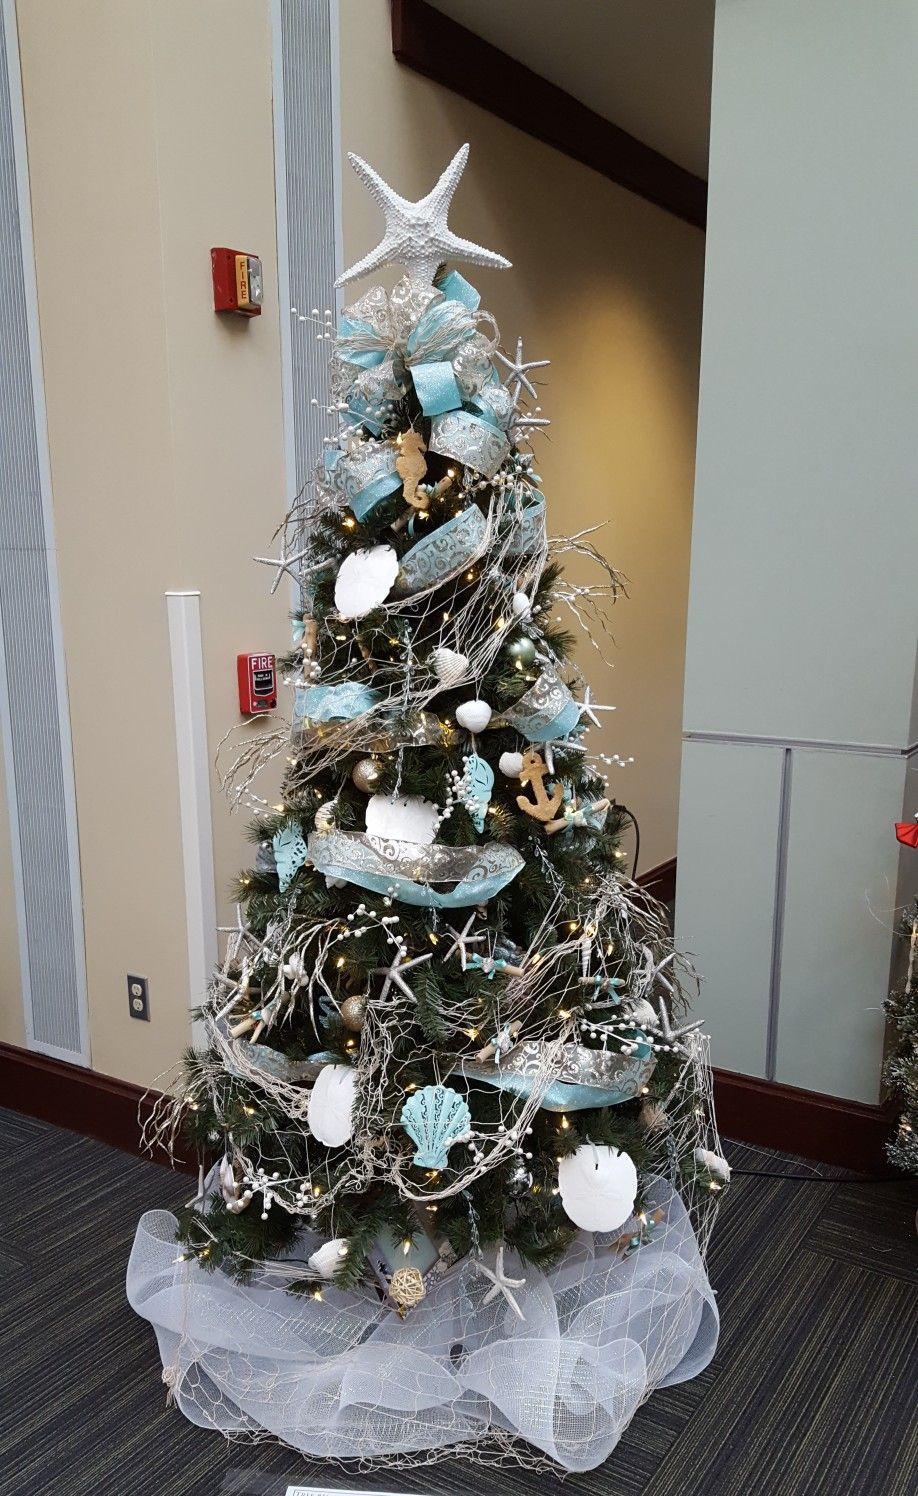 Ocean Sea Beach Theme Christmas Tree Created For A Charity Event Christmas Tree Themes Coastal Christmas Decor Beach Christmas Trees